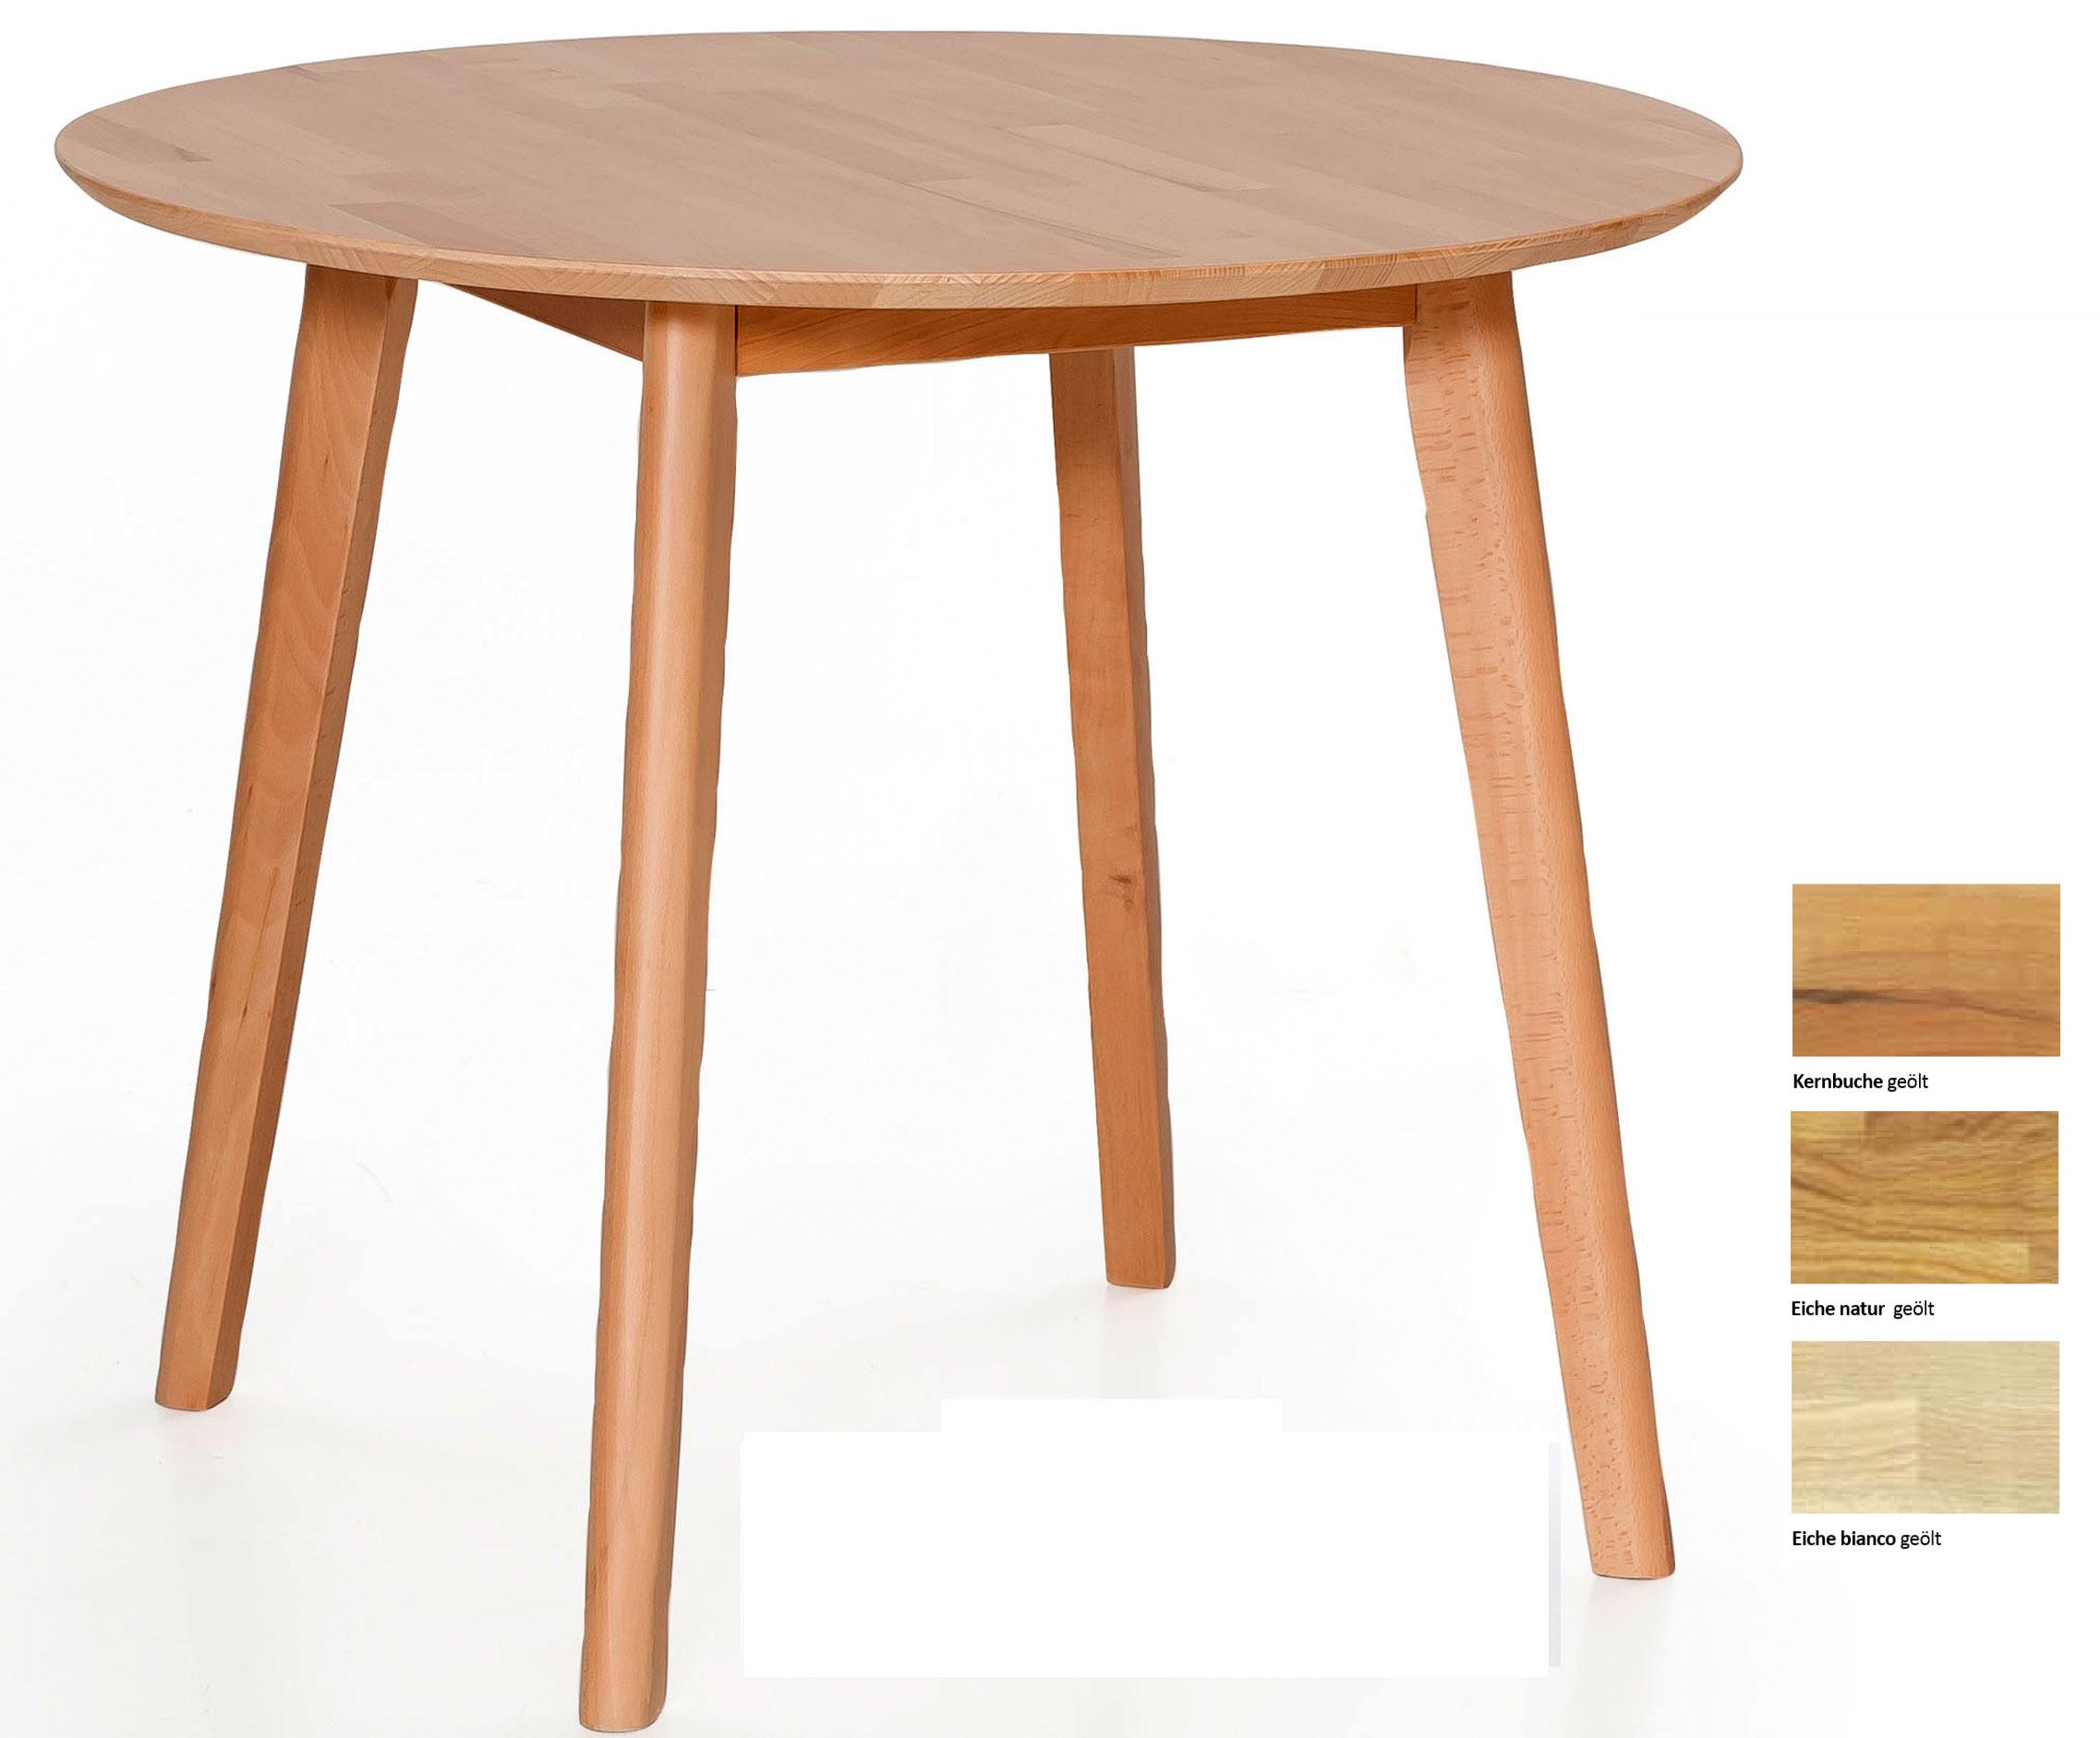 Standard Furniture Thomas Massivholztisch buche 90 cm Durchmesser